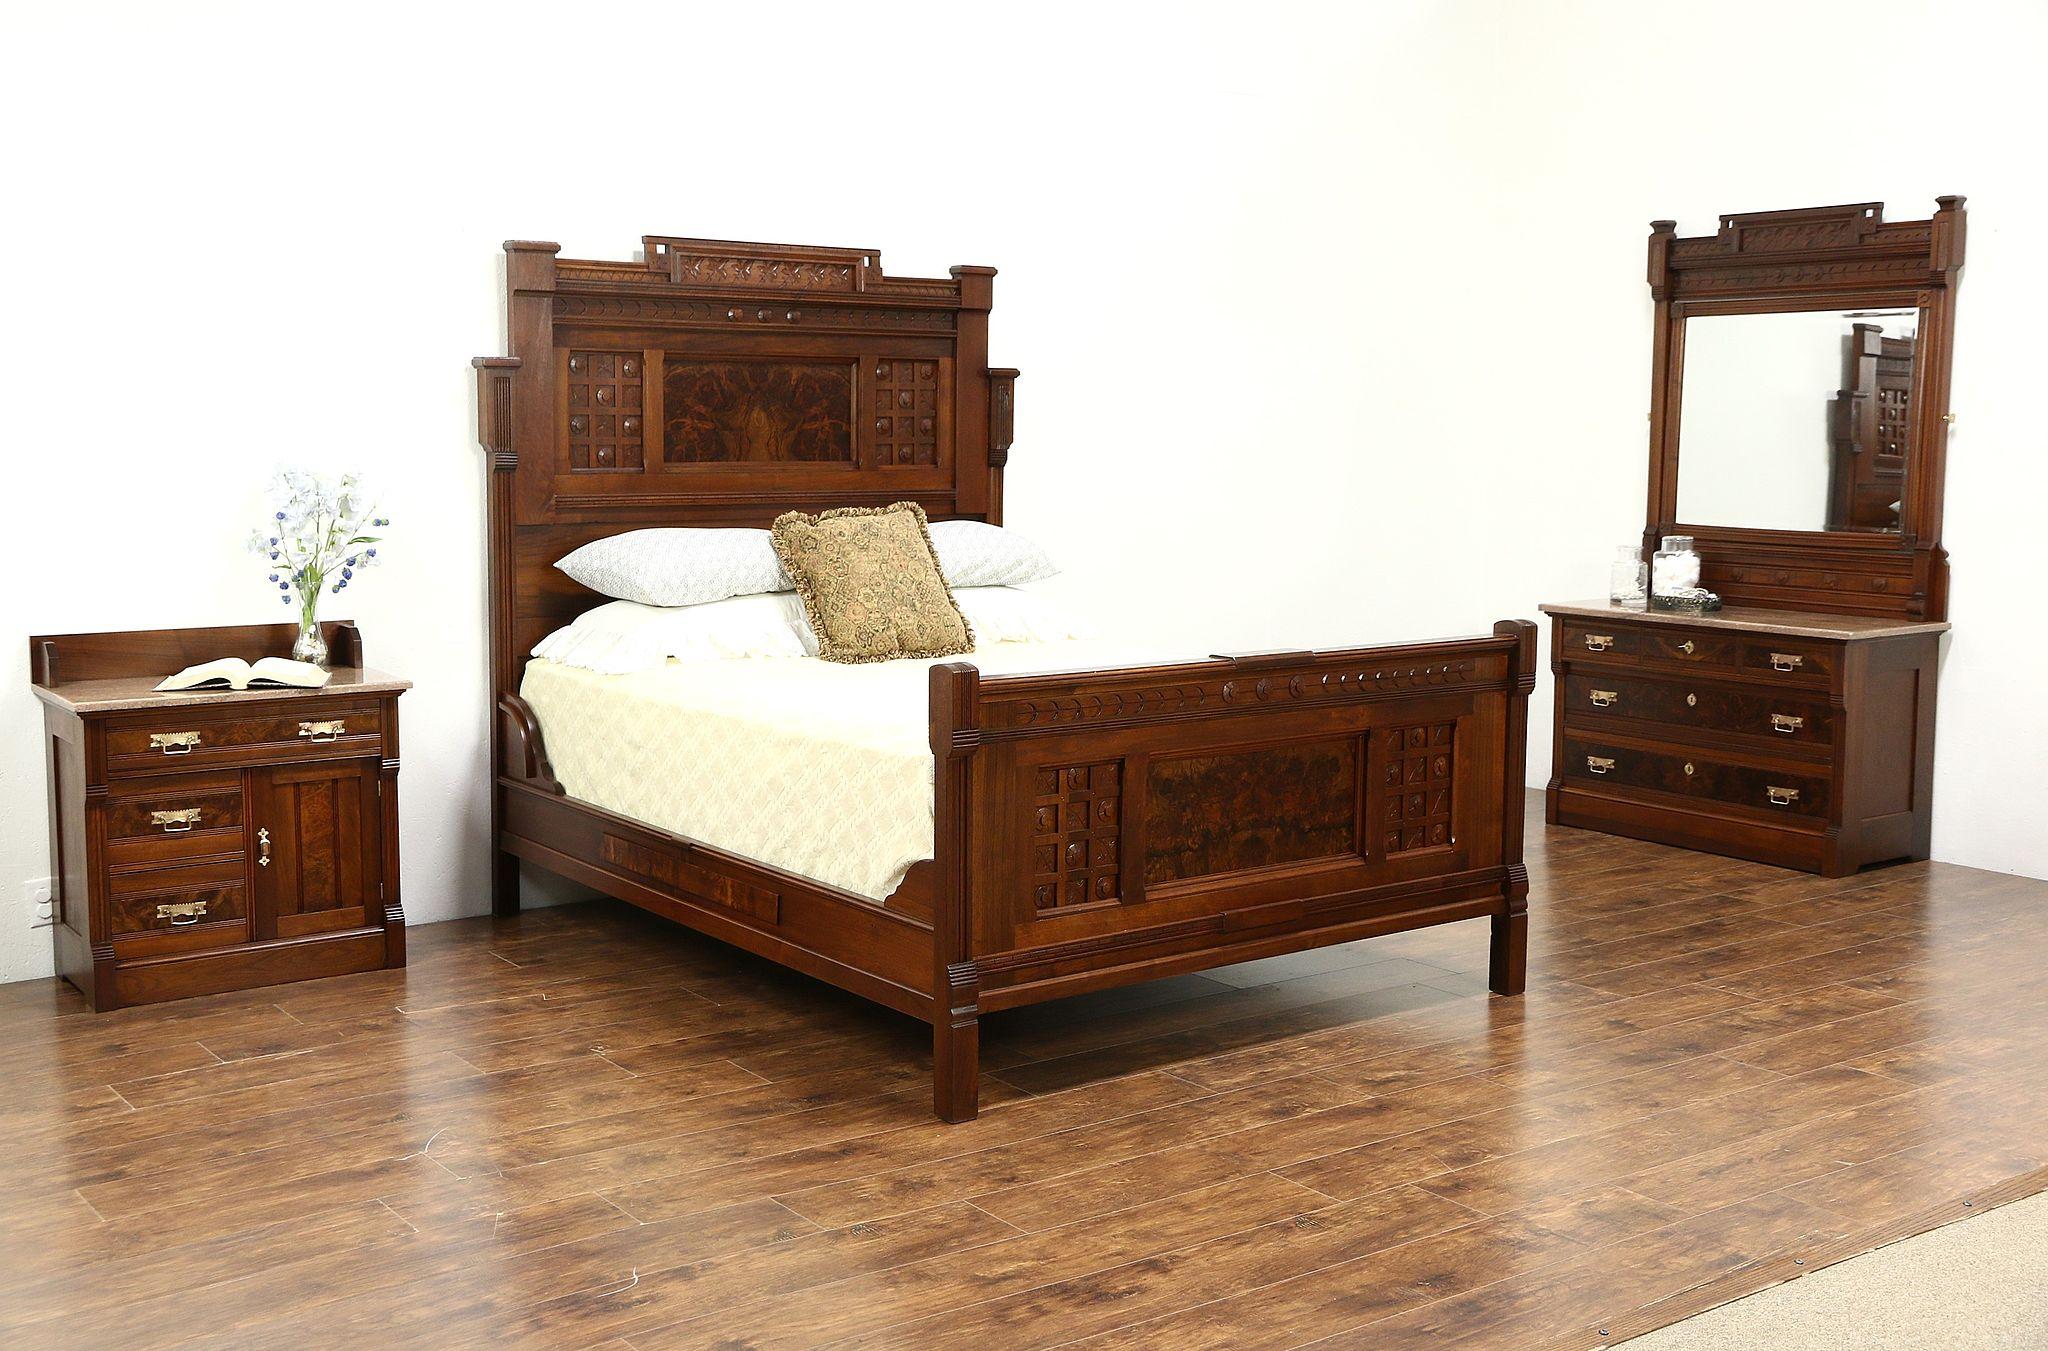 walnut bedroom set. Victorian Eastlake 1880 Antique 3 Pc Queen Size Walnut Bedroom Set  Marble Tops SOLD